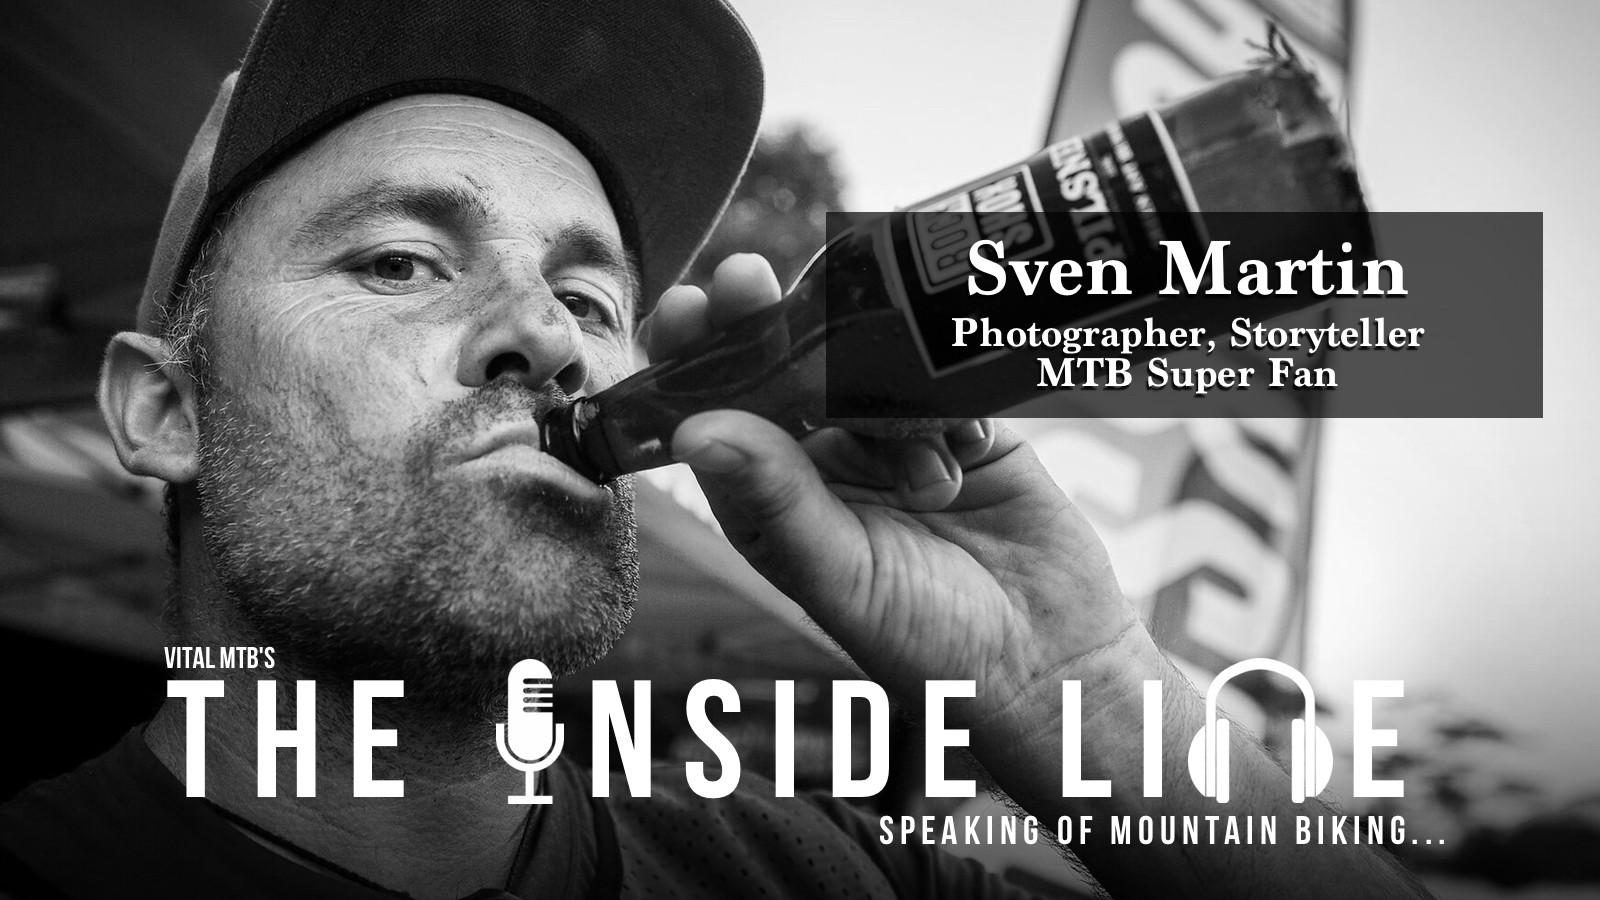 The Inside Line Podcast - Sven Martin, Photographer, Storyteller, MTB Superfan